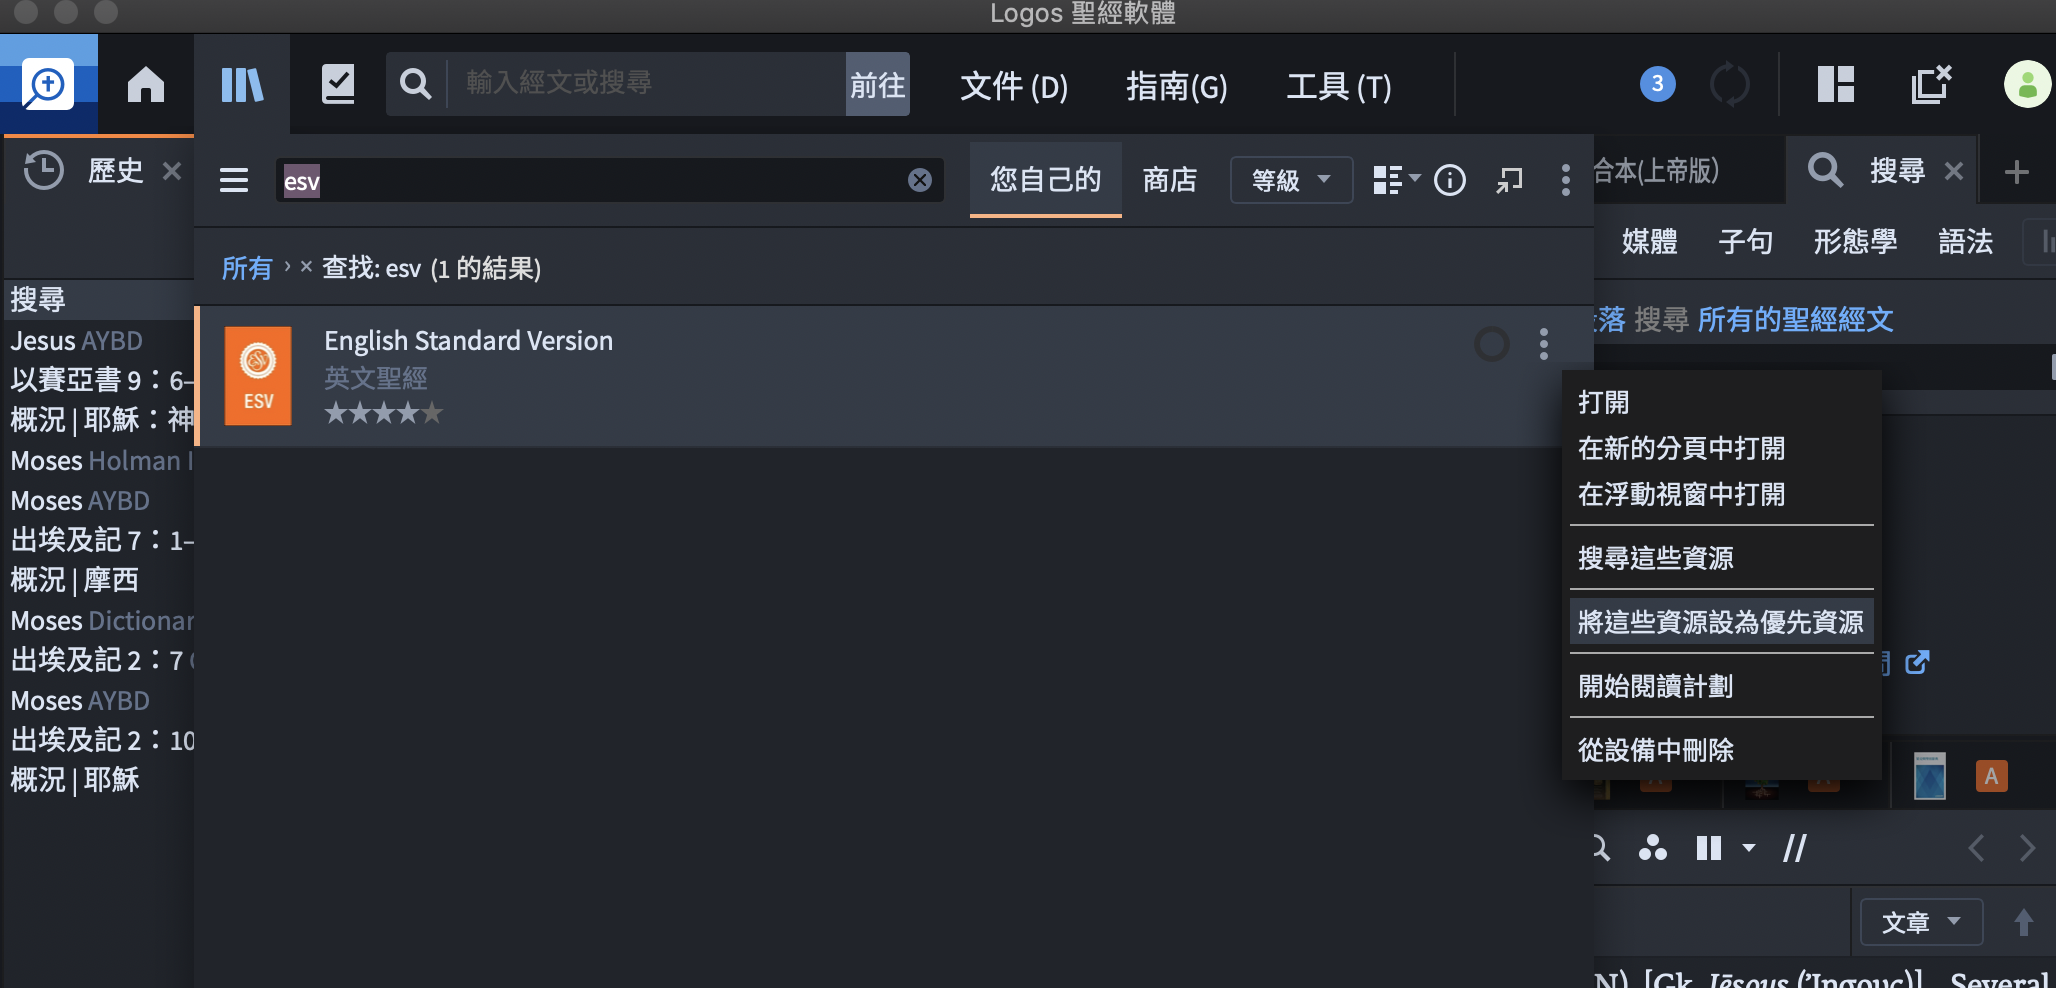 Screen_Shot_2019-06-19_at_4.55.17_PM.png